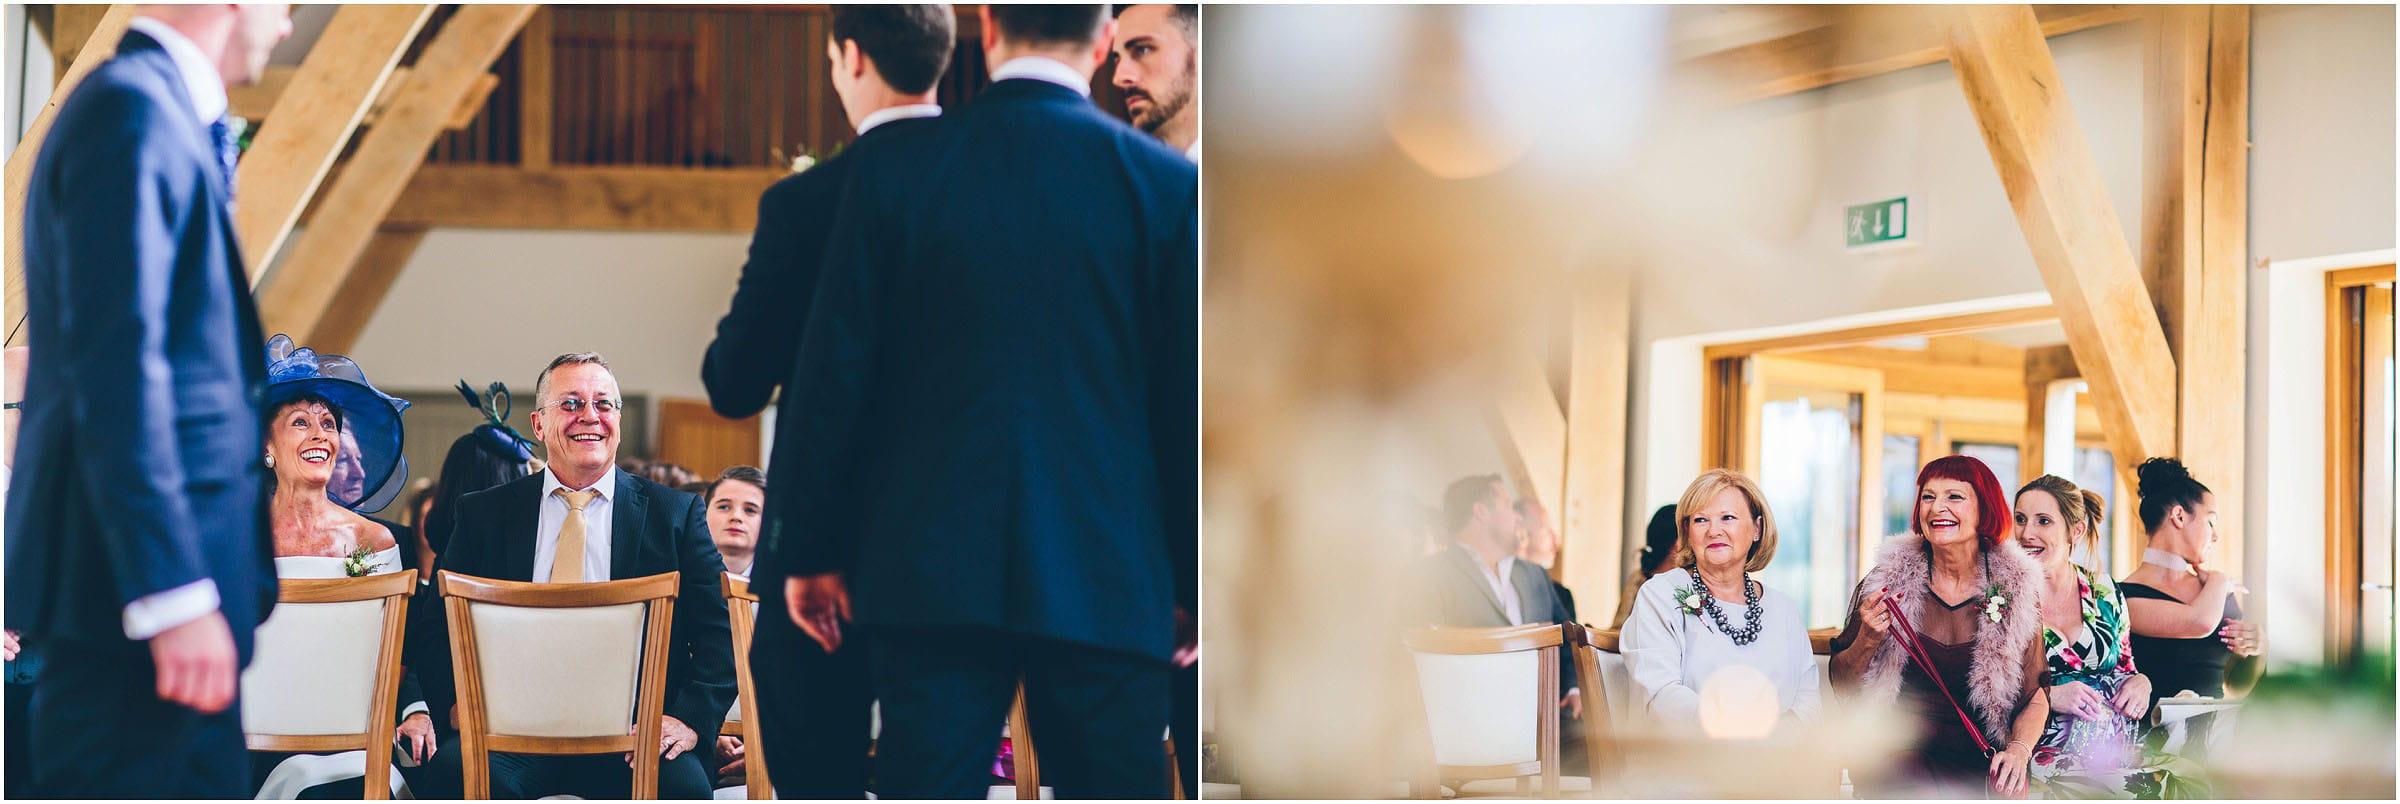 easton_grange_wedding_photography_0018